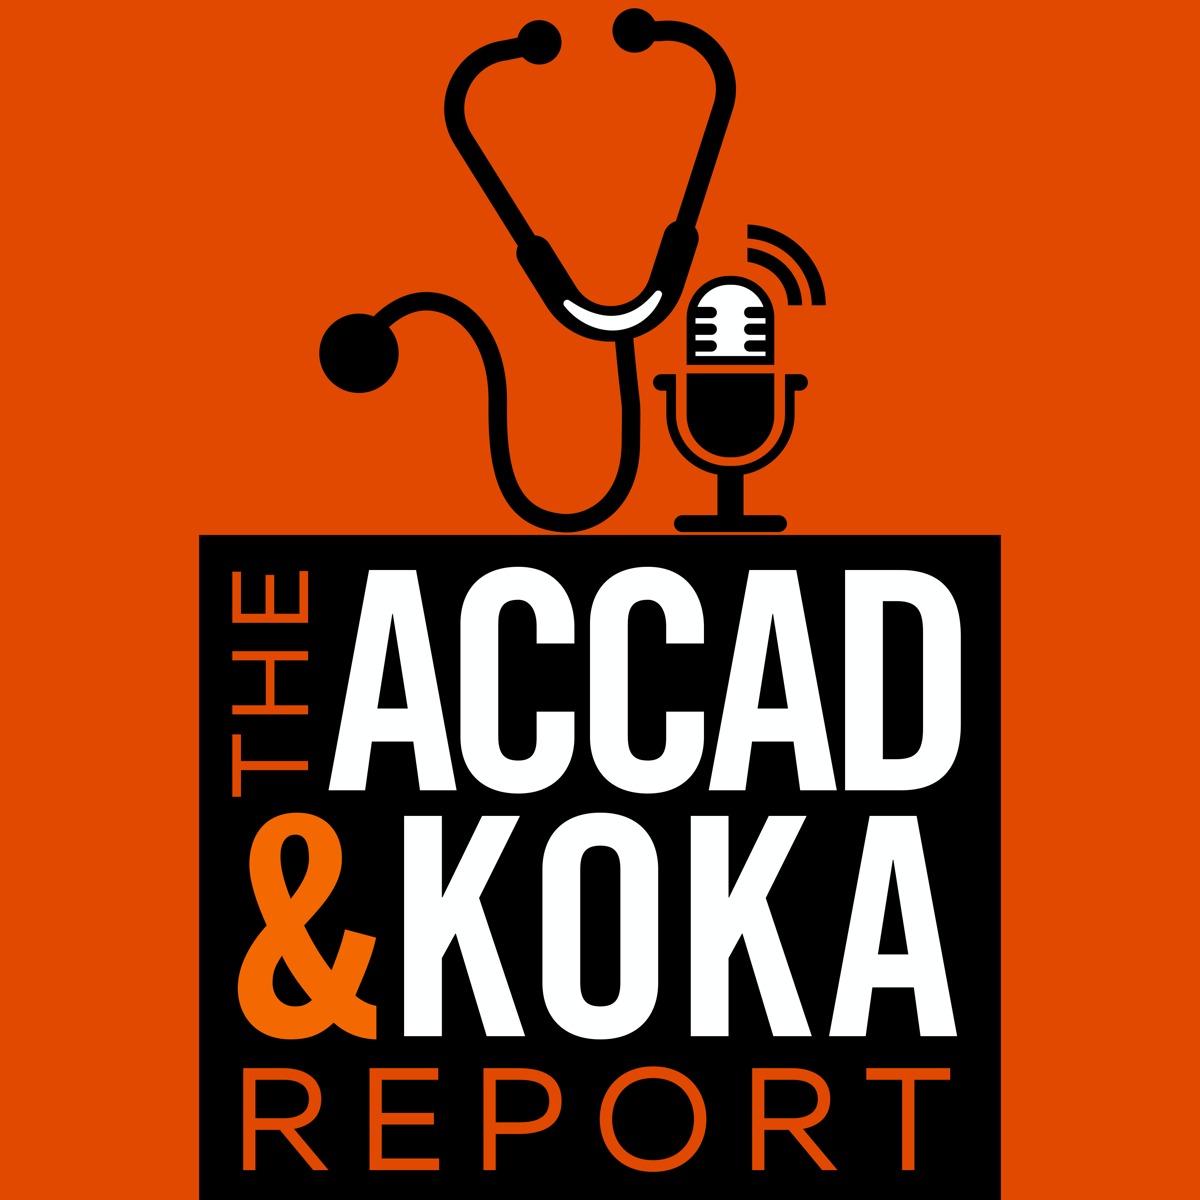 Accad Koka Report